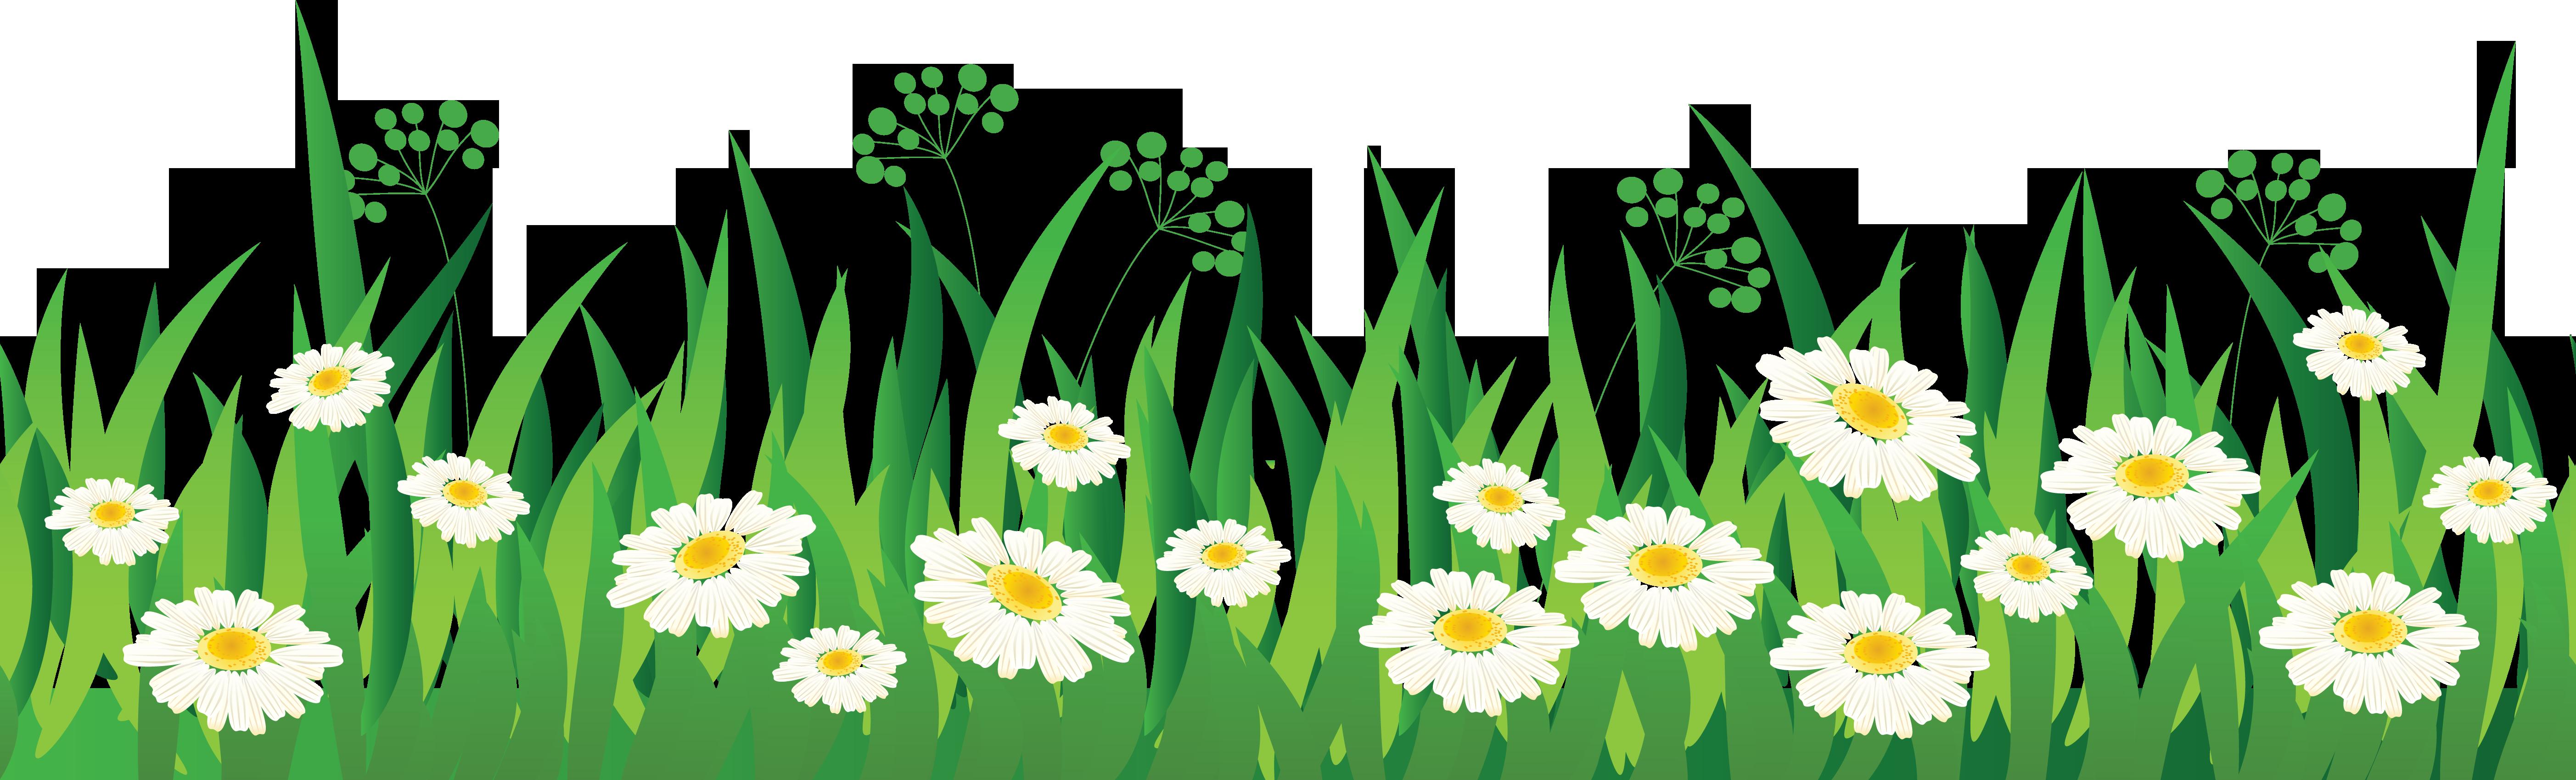 трава для детей картинки